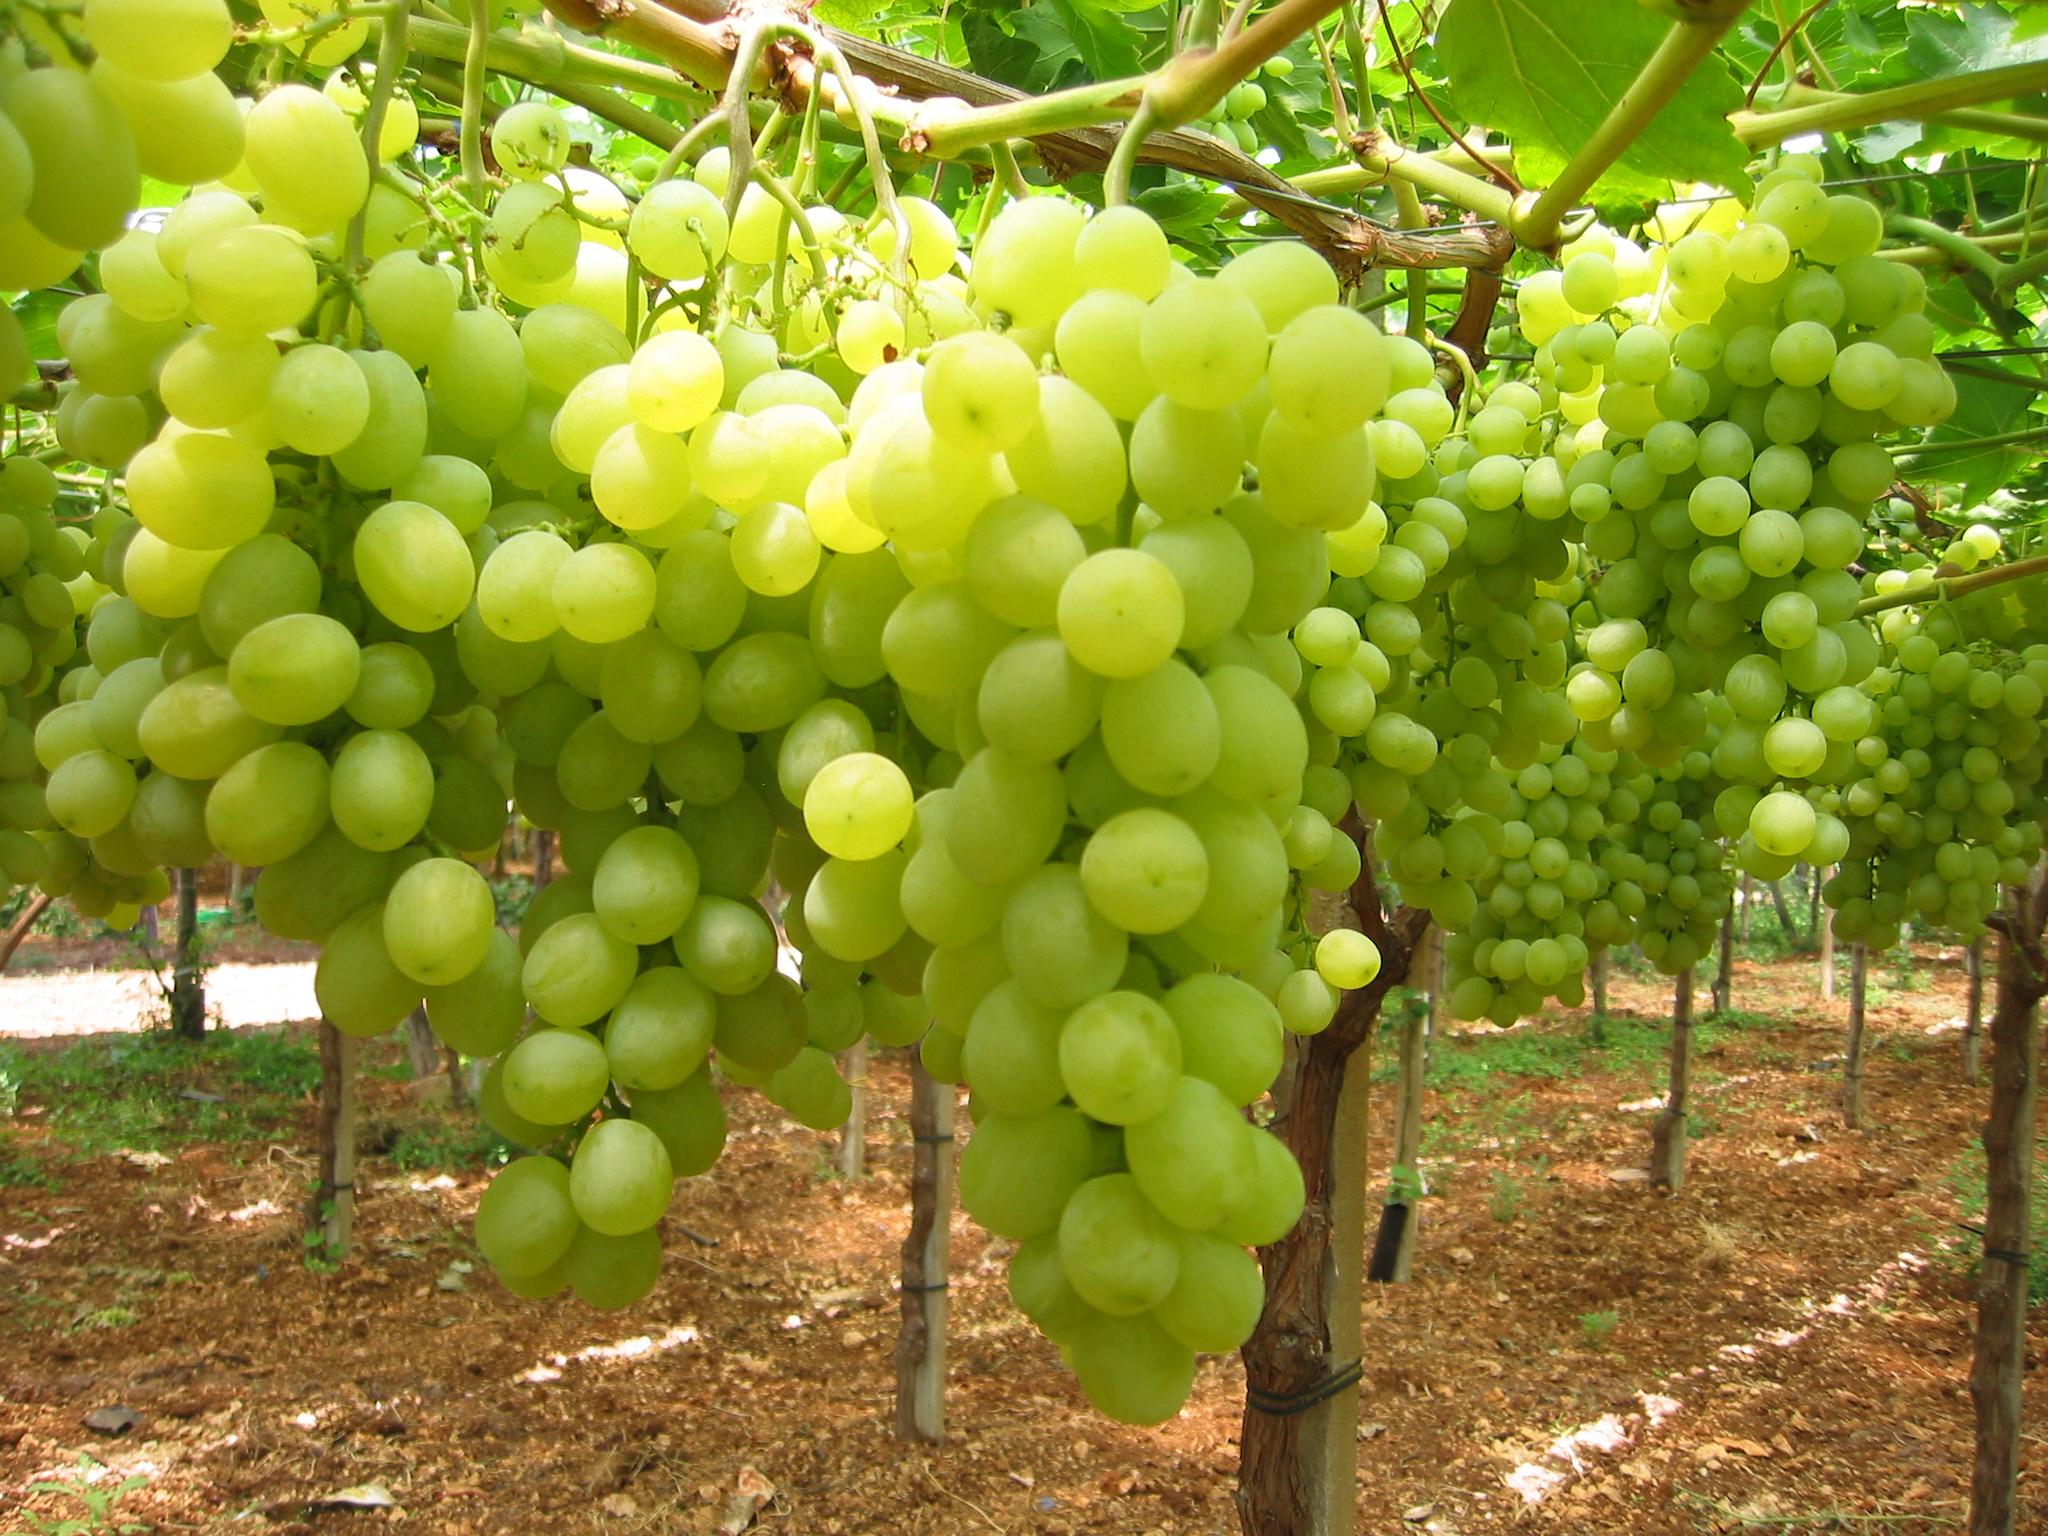 Uva da tavola giuliano al settore serve uno come - Vivai rauscedo uva da tavola ...